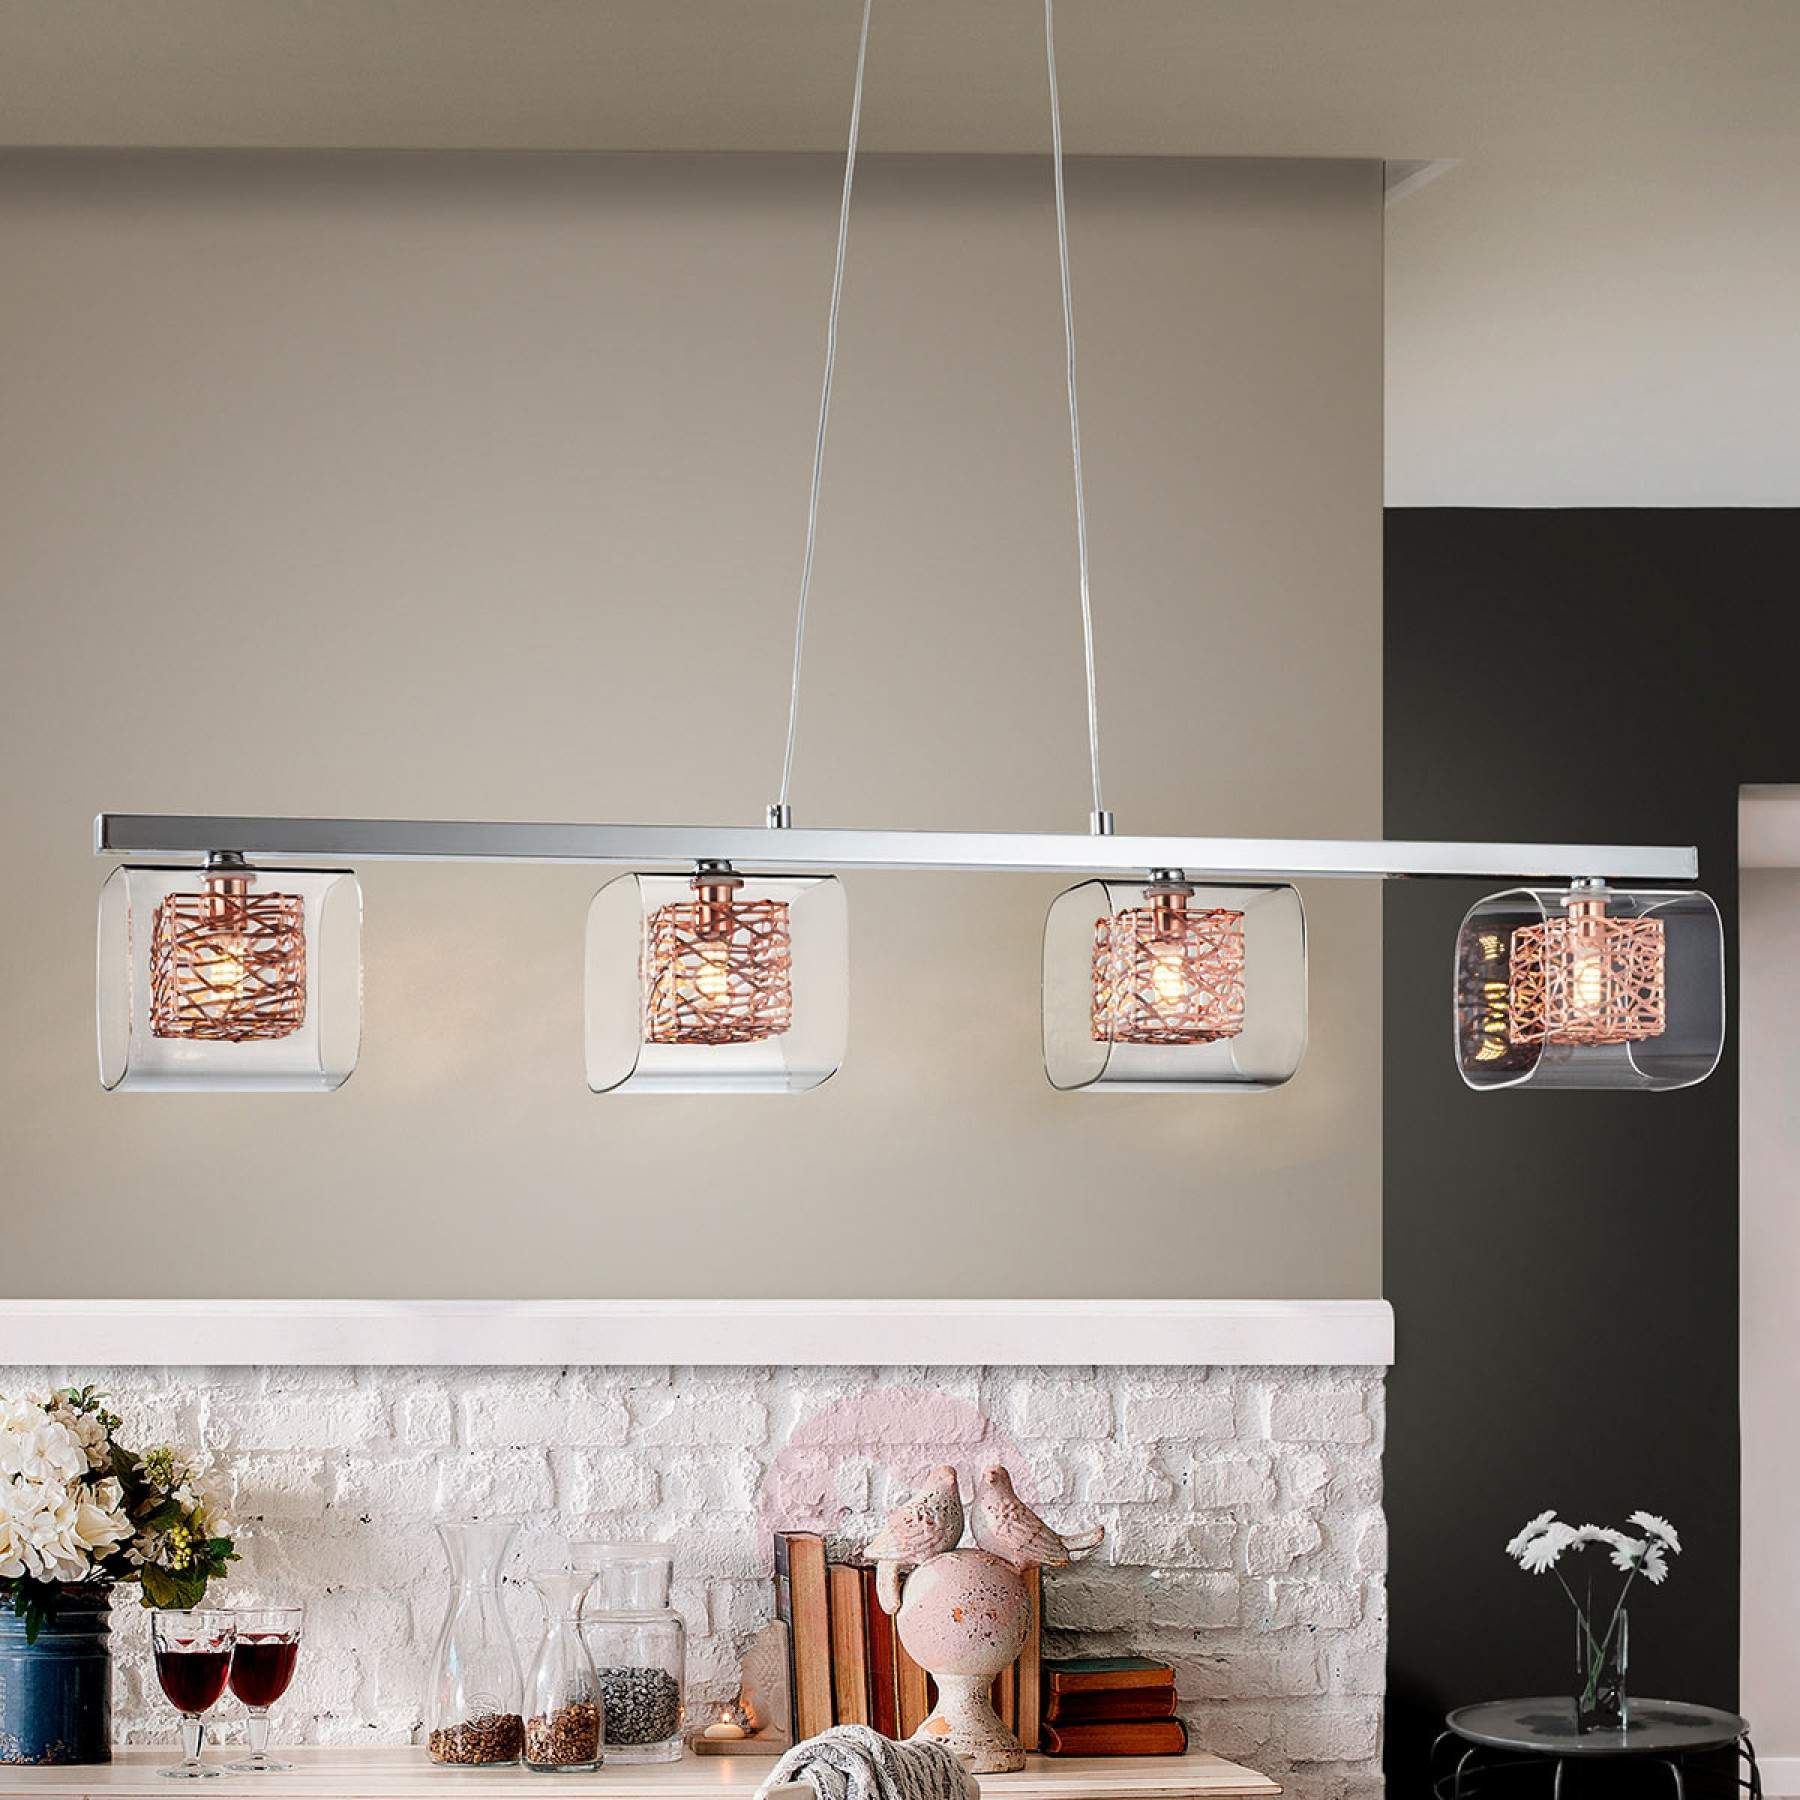 Led Balkenpendelleuchte Lios Mit 4 Doppelschirmen Kaufen Lampenwelt De Hangeleuchte Led Led Hangeleuchte